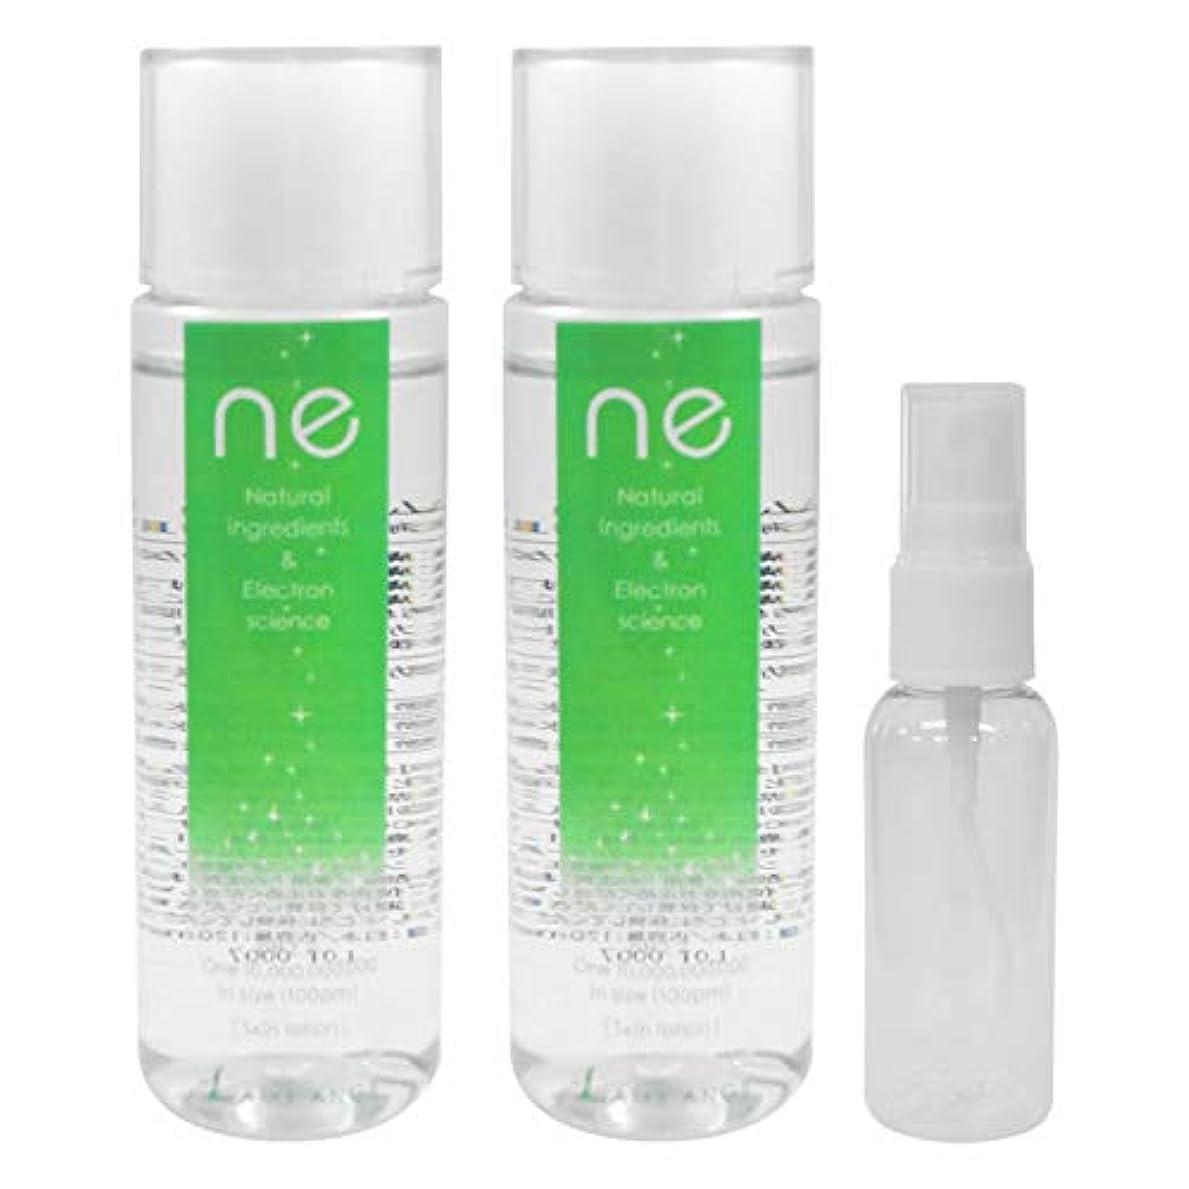 合理化いつ一時的ラムスエンジ NE ピコイオン美容無添加化粧水 120ml×2本セット 詰め替え用スプレーボトル付